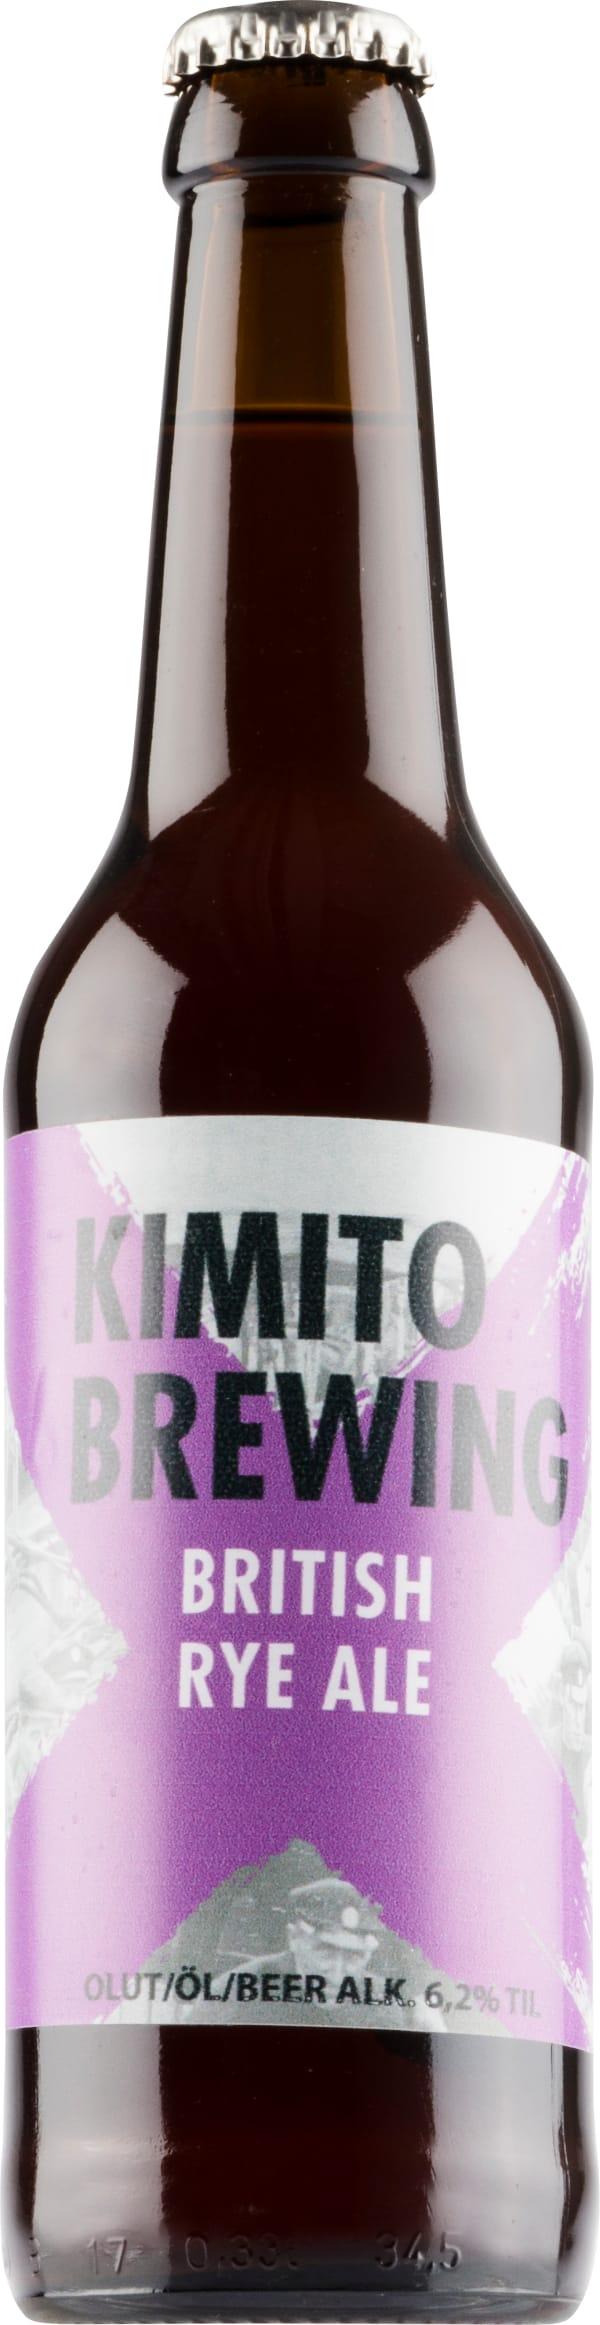 Kimito British Rye Ale